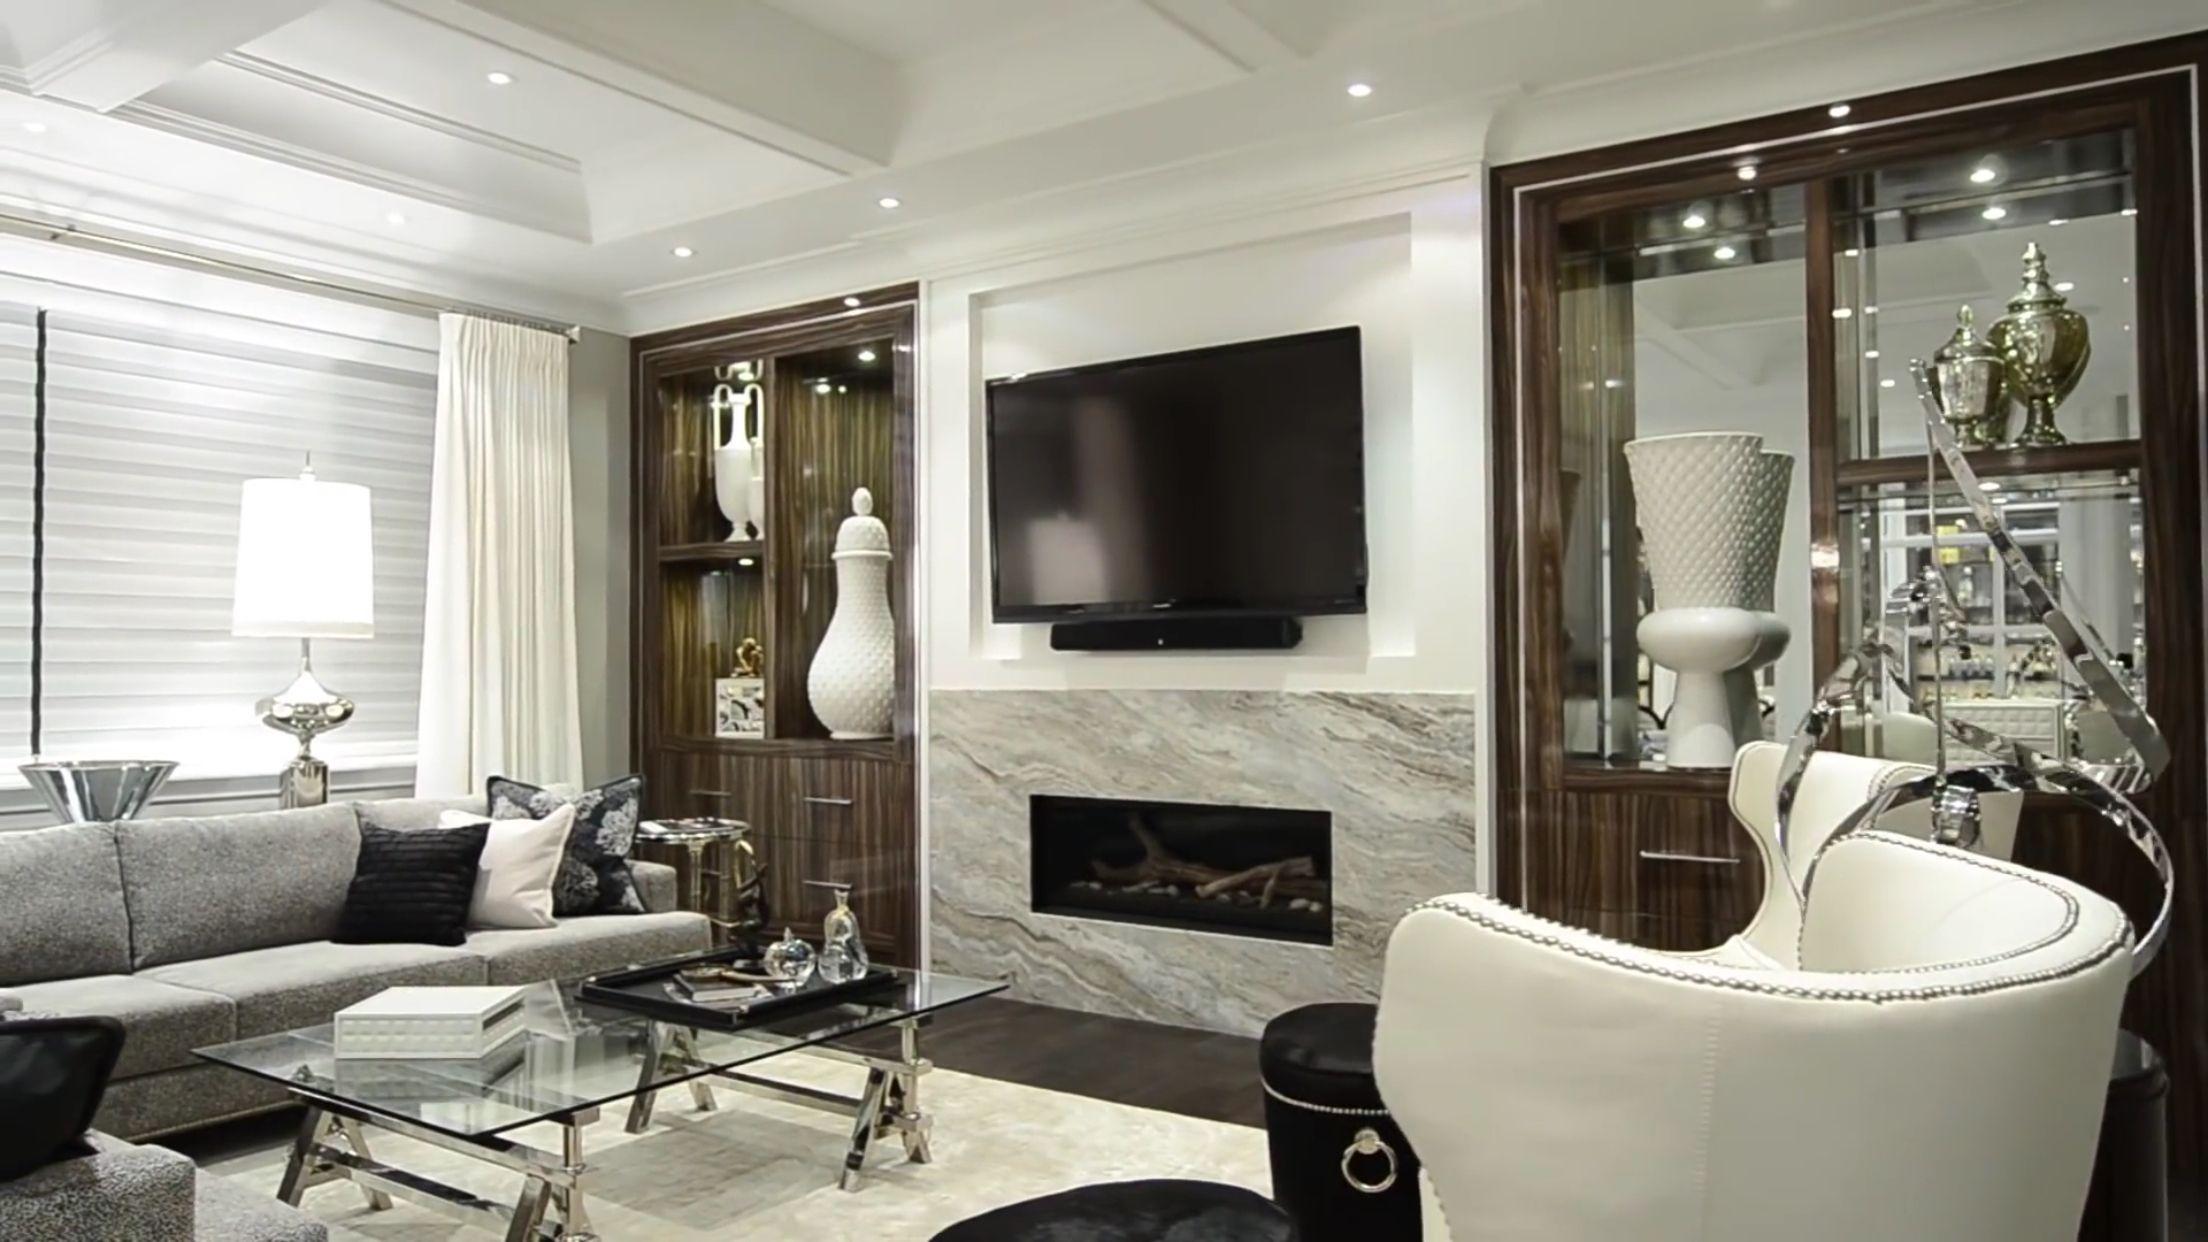 Neue wohnzimmer innenarchitektur pin von jiutzibell seidel gil auf porque amo la deco del hogar es